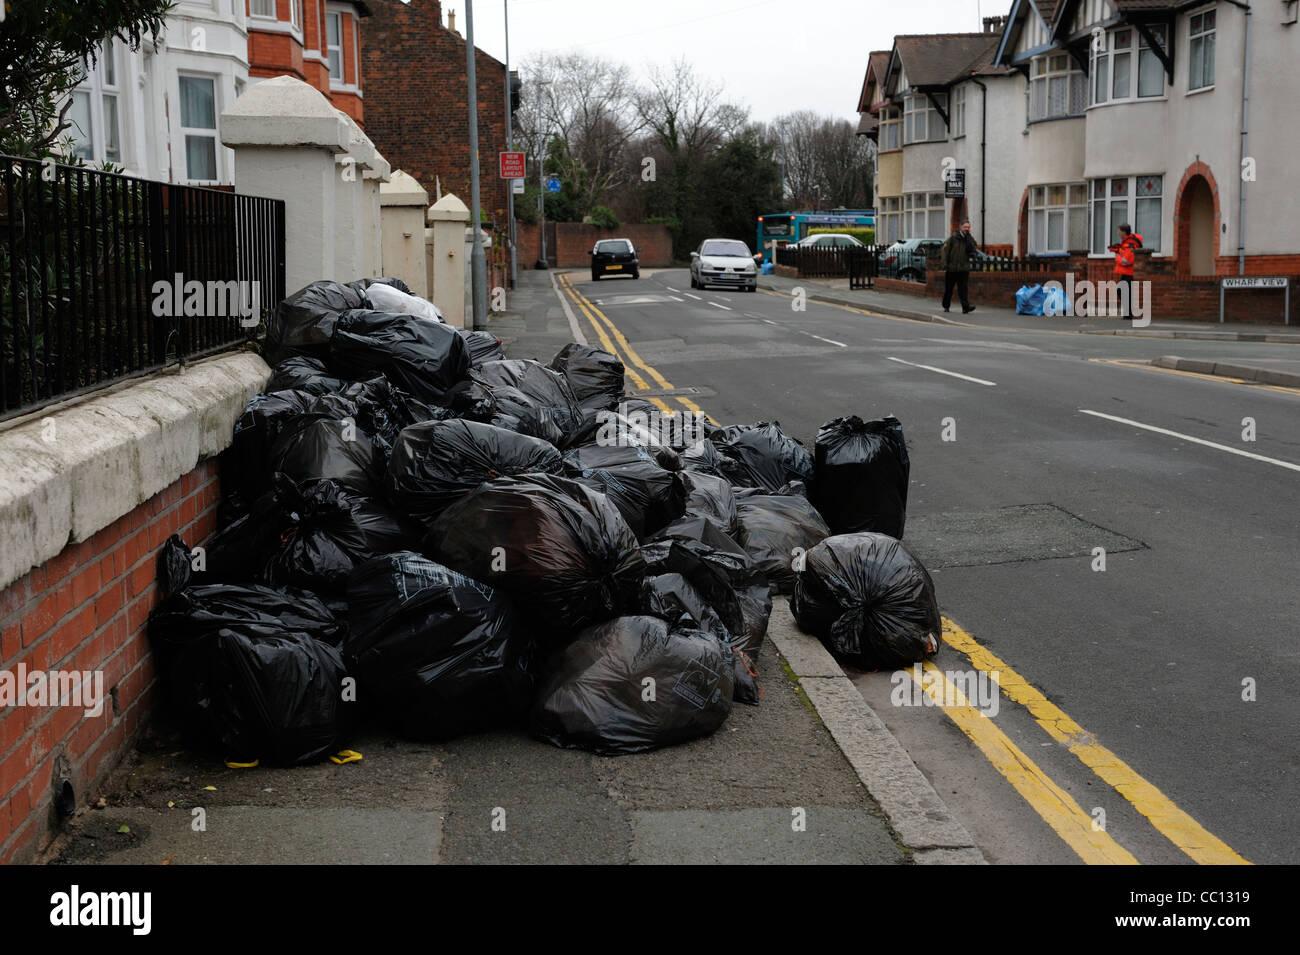 Pile of black bin bags - Stock Image